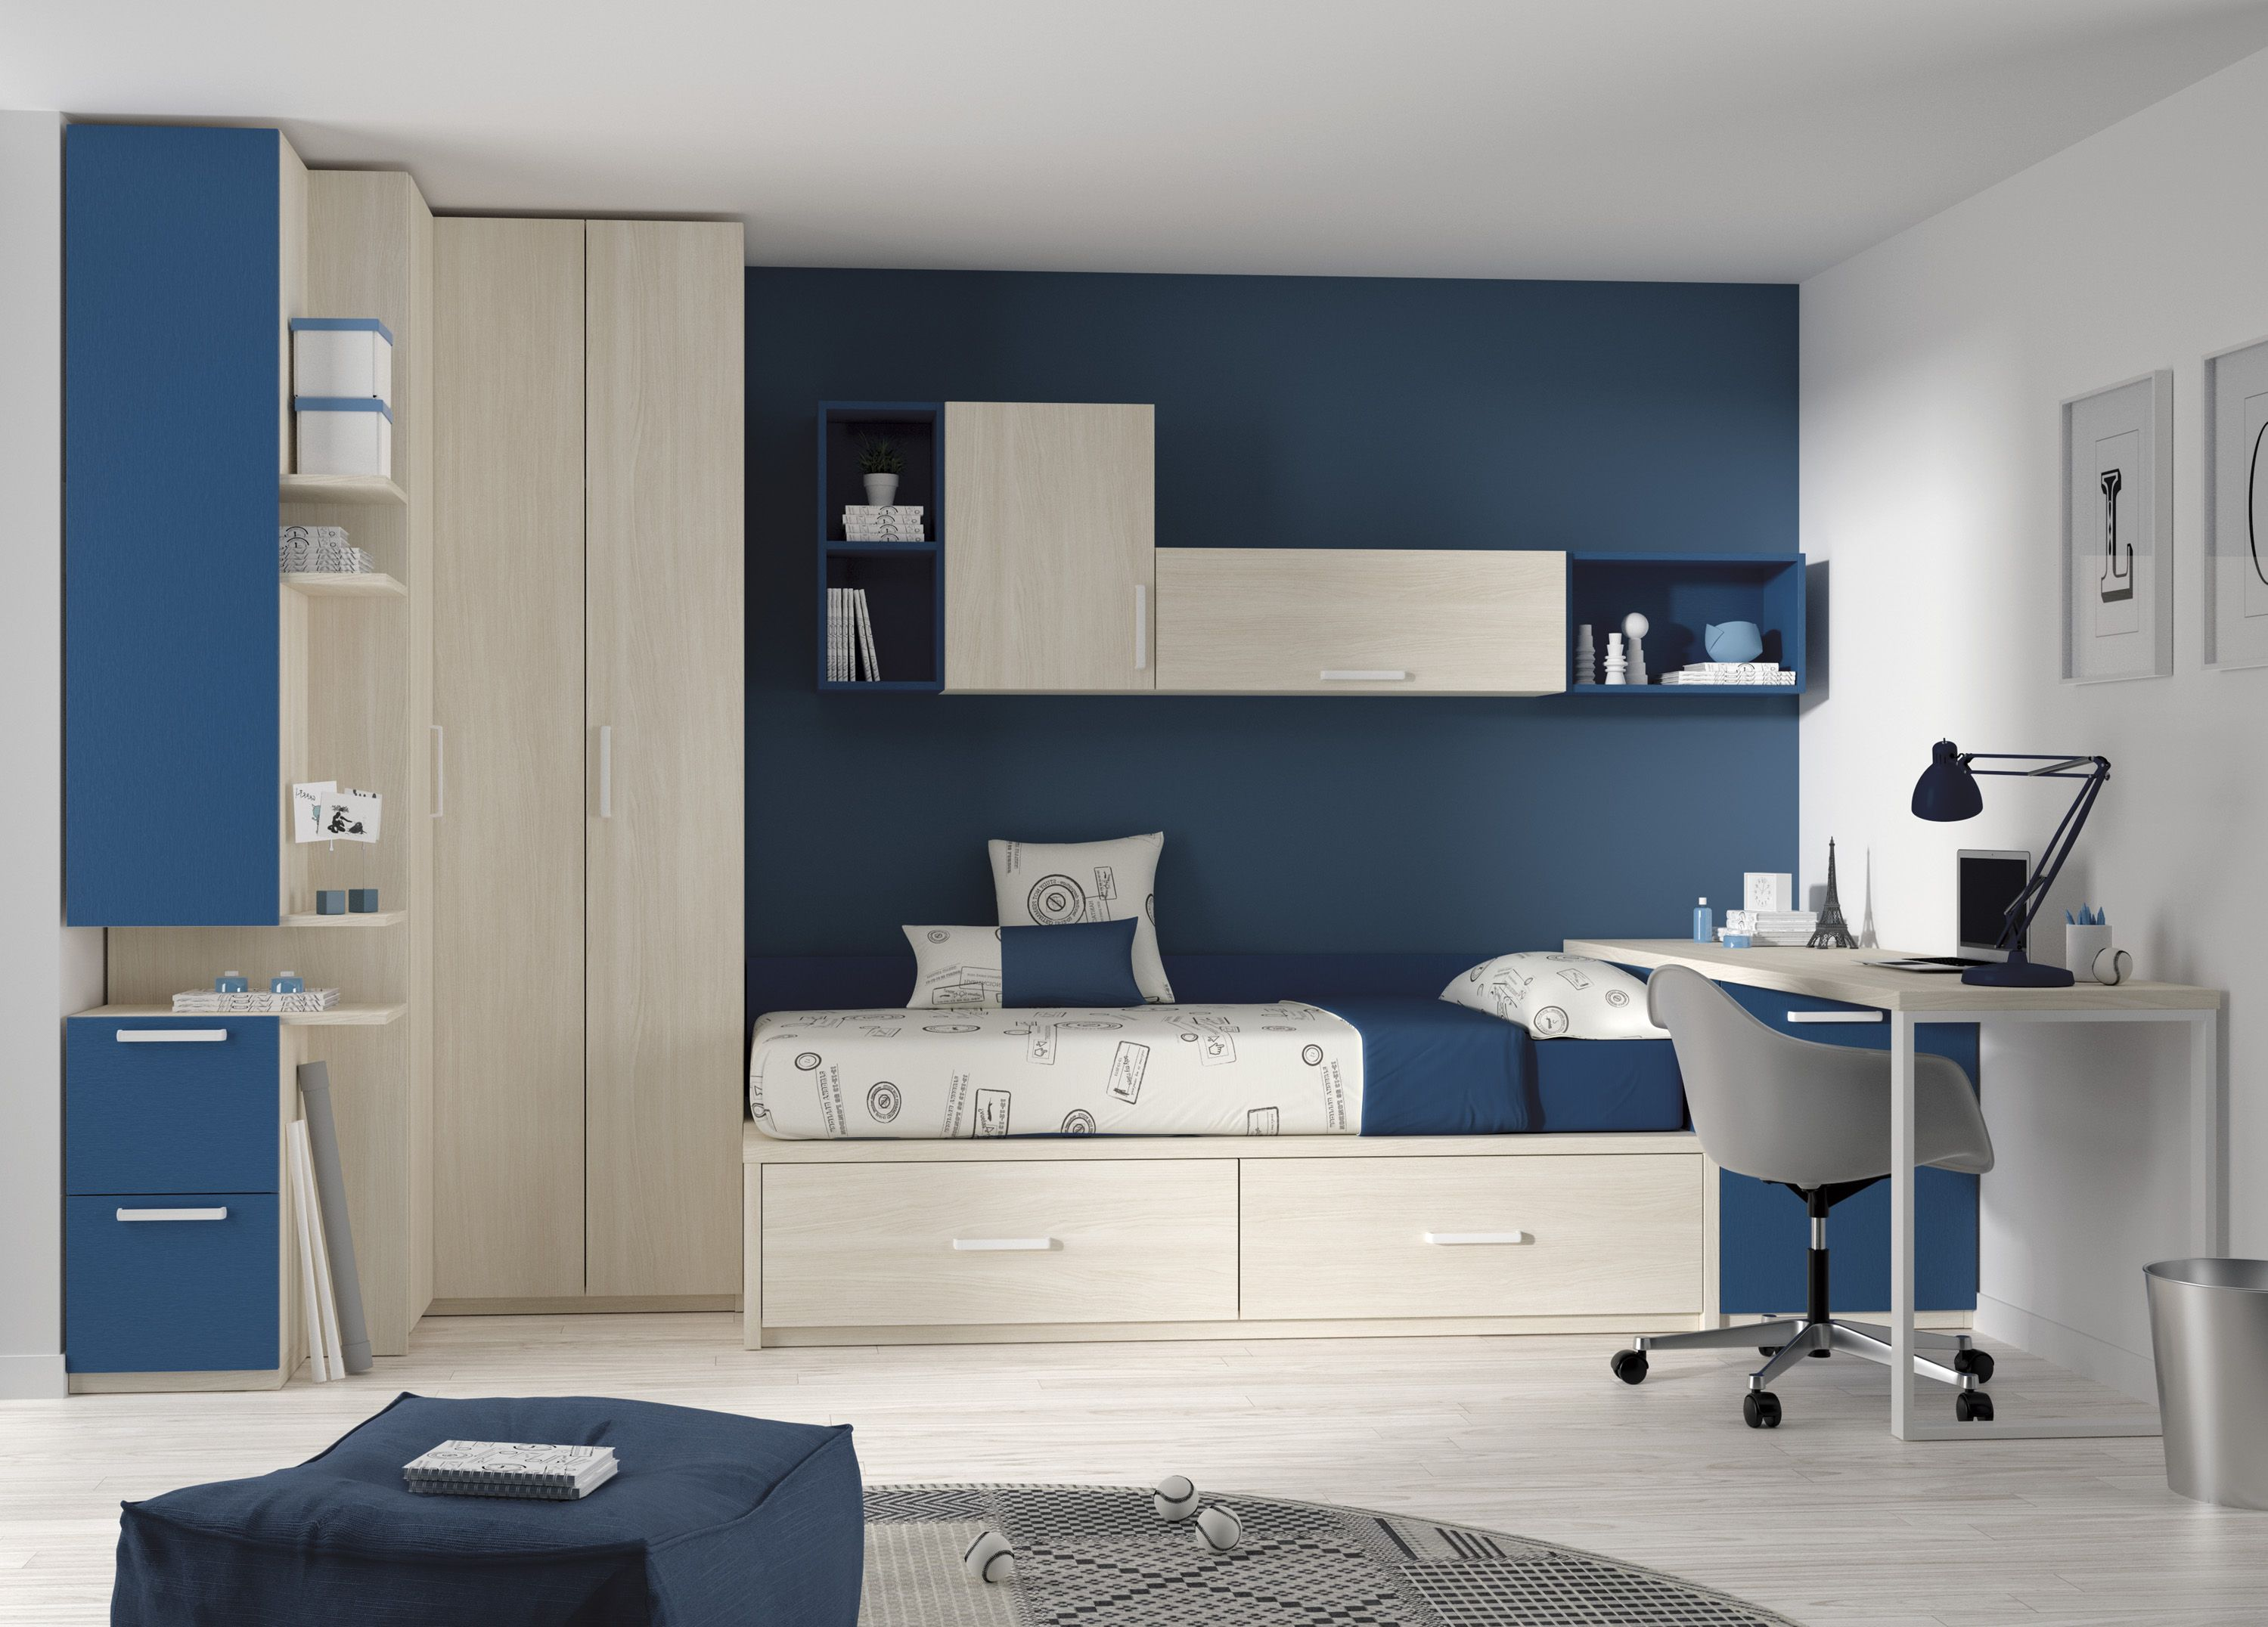 Estupendas y originales ideas para amueblar un dormitorio for Dormitorios infantiles y juveniles